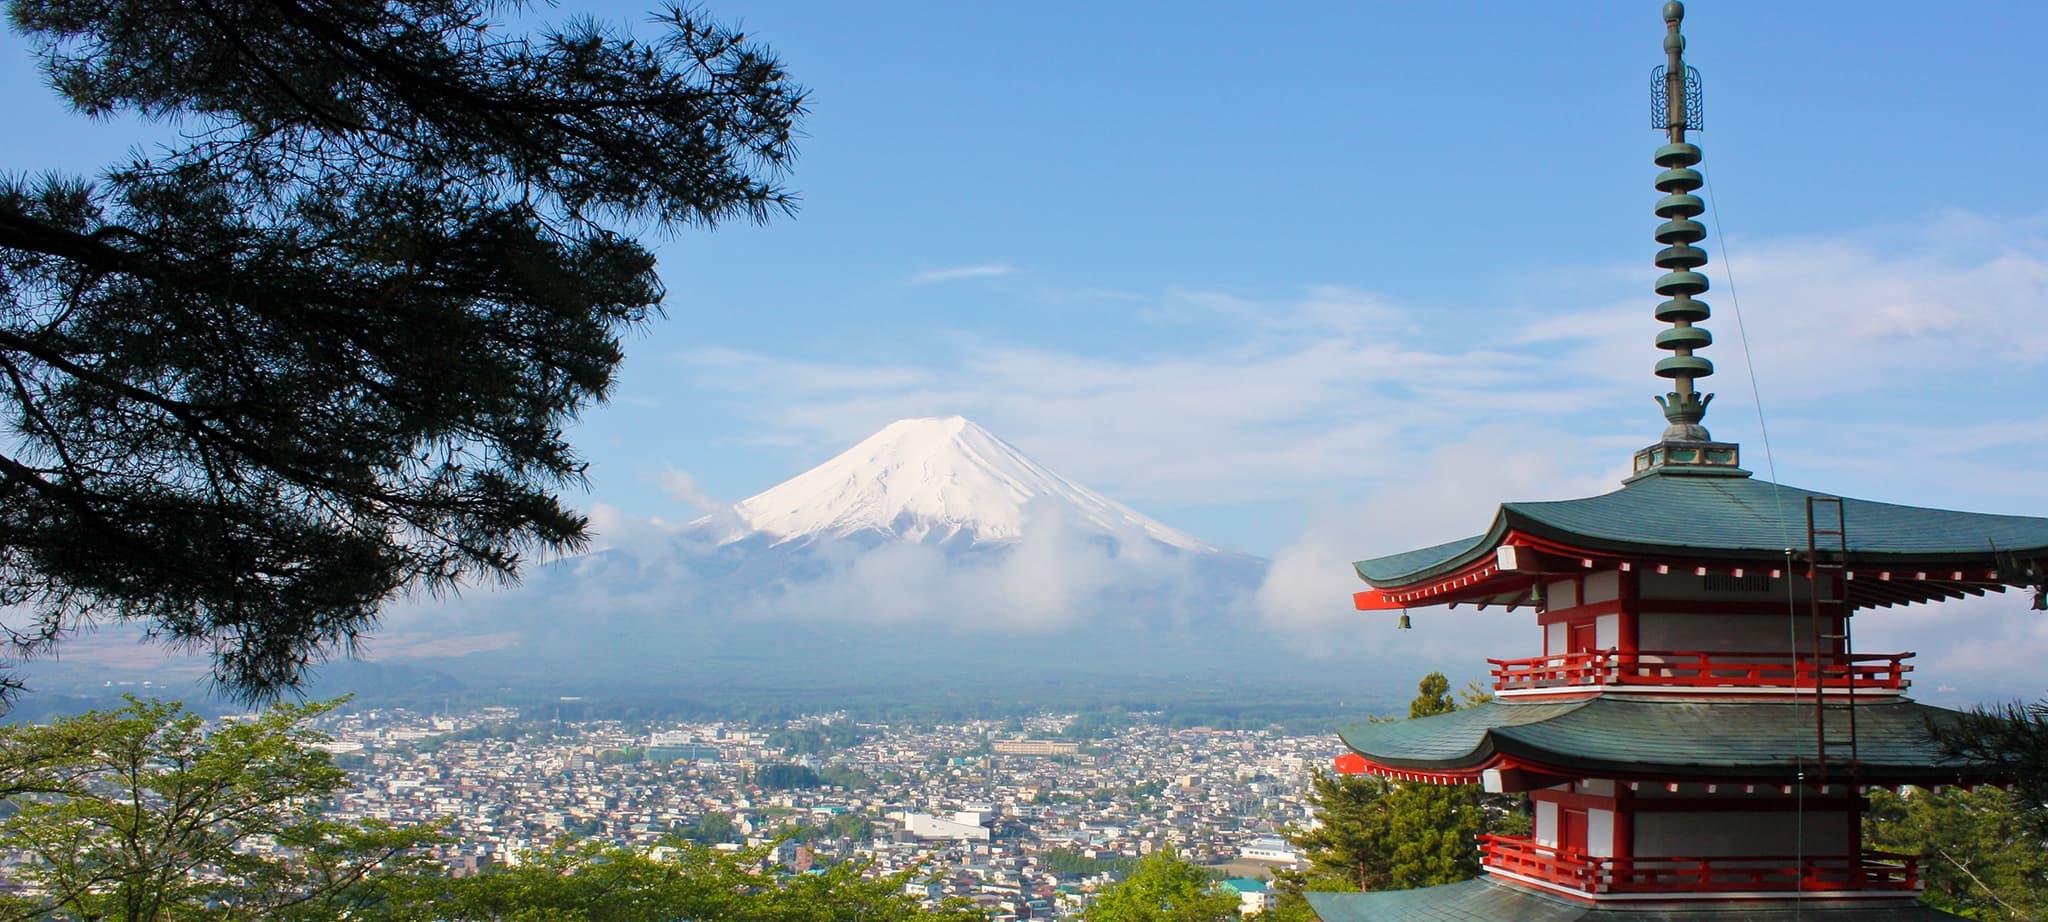 準備日文檢定的小知識:日本七夕的由來